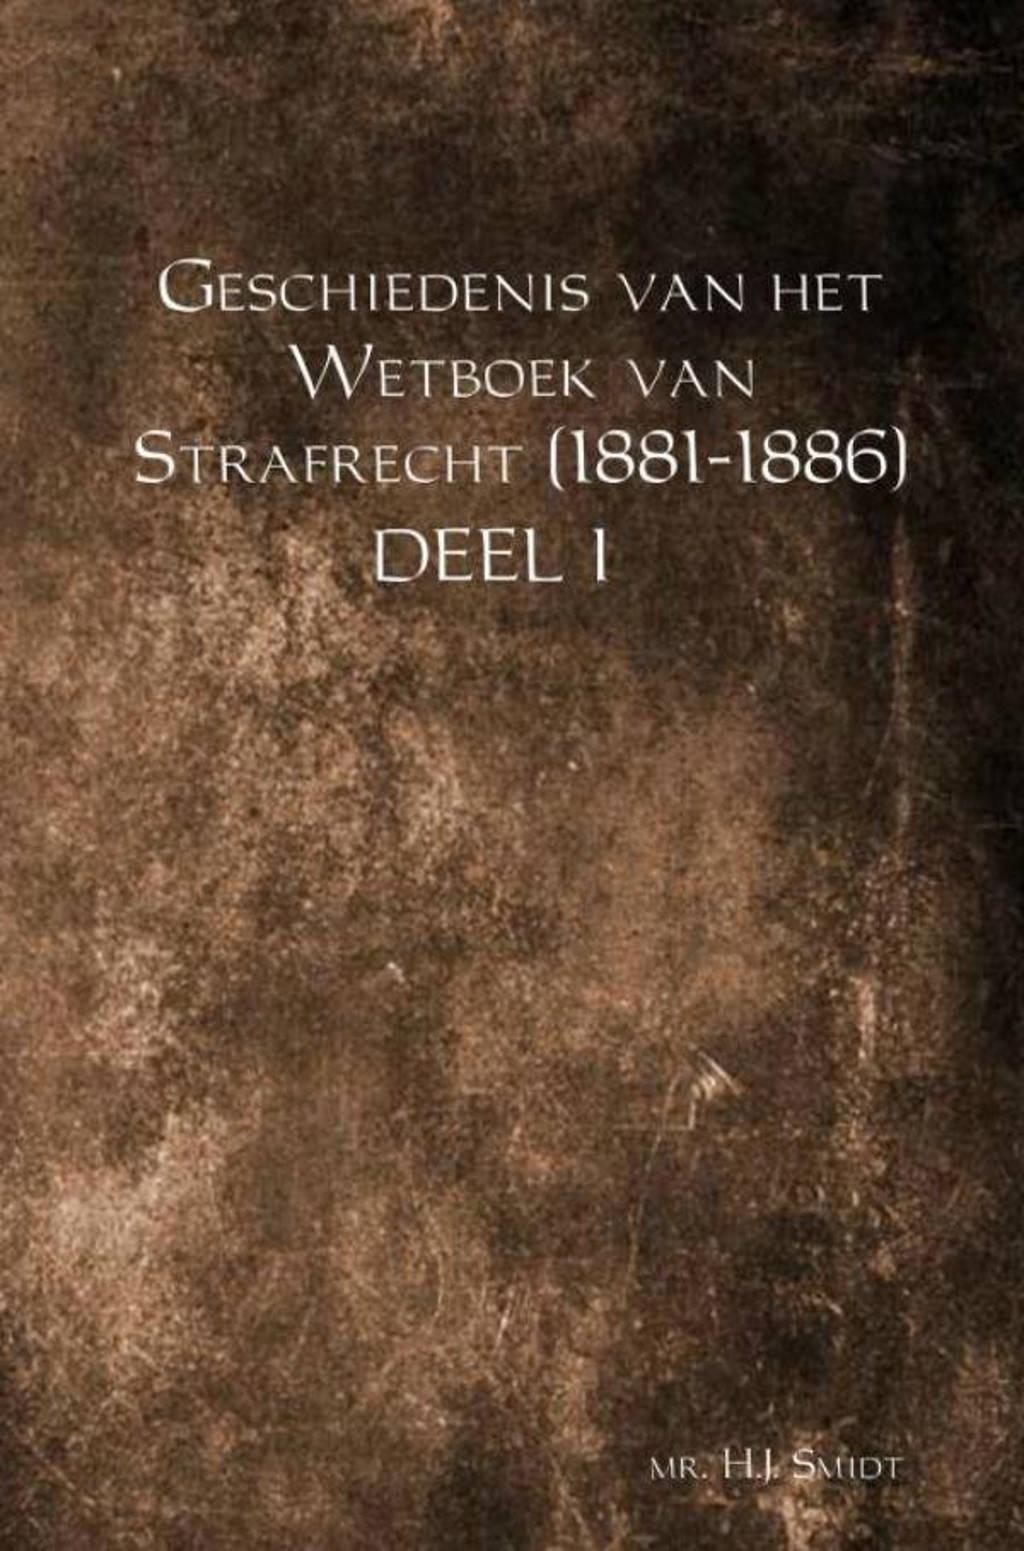 Geschiedenis van het Wetboek van Strafrecht (1881-1886) Deel 1 - Mr. H.J. Smidt